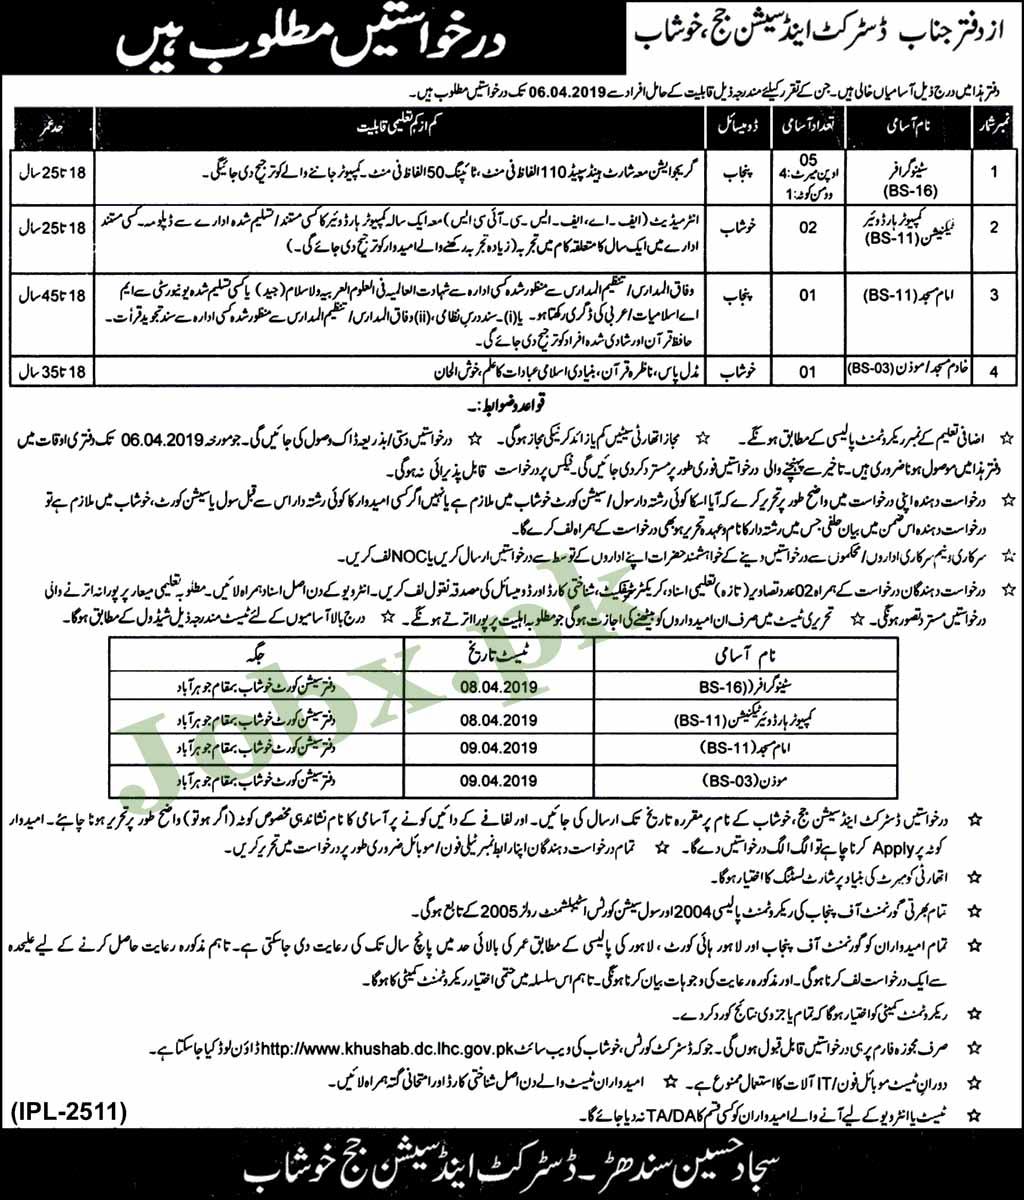 Govt Jobs in Khushab